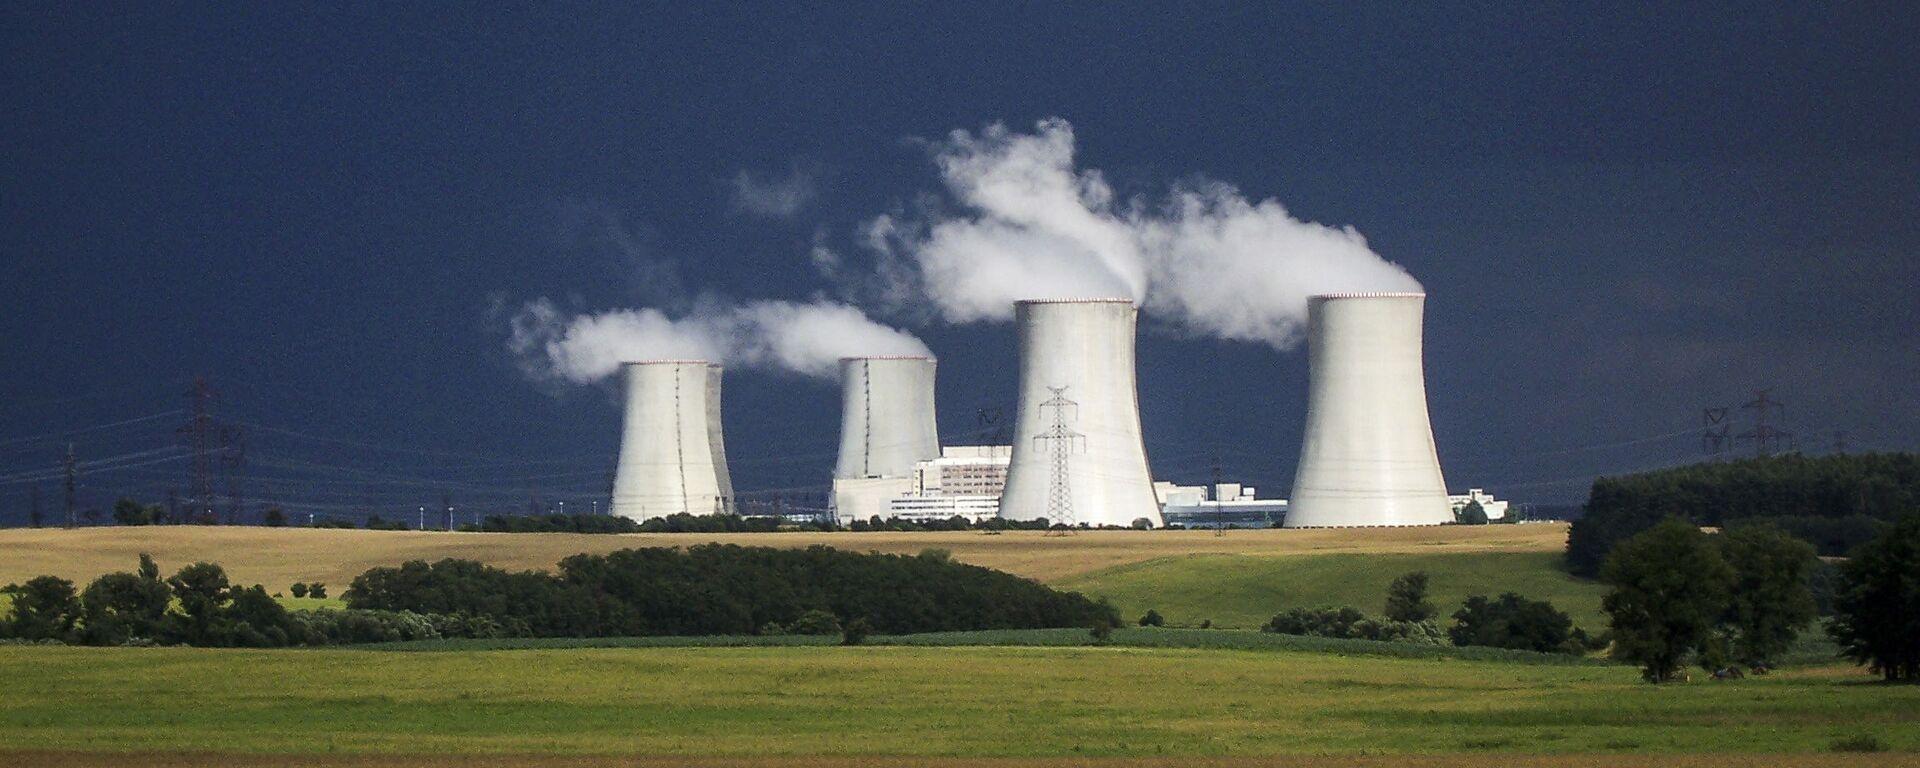 Jaderná elektrárna Dukovany v Česku - Sputnik Česká republika, 1920, 26.03.2021